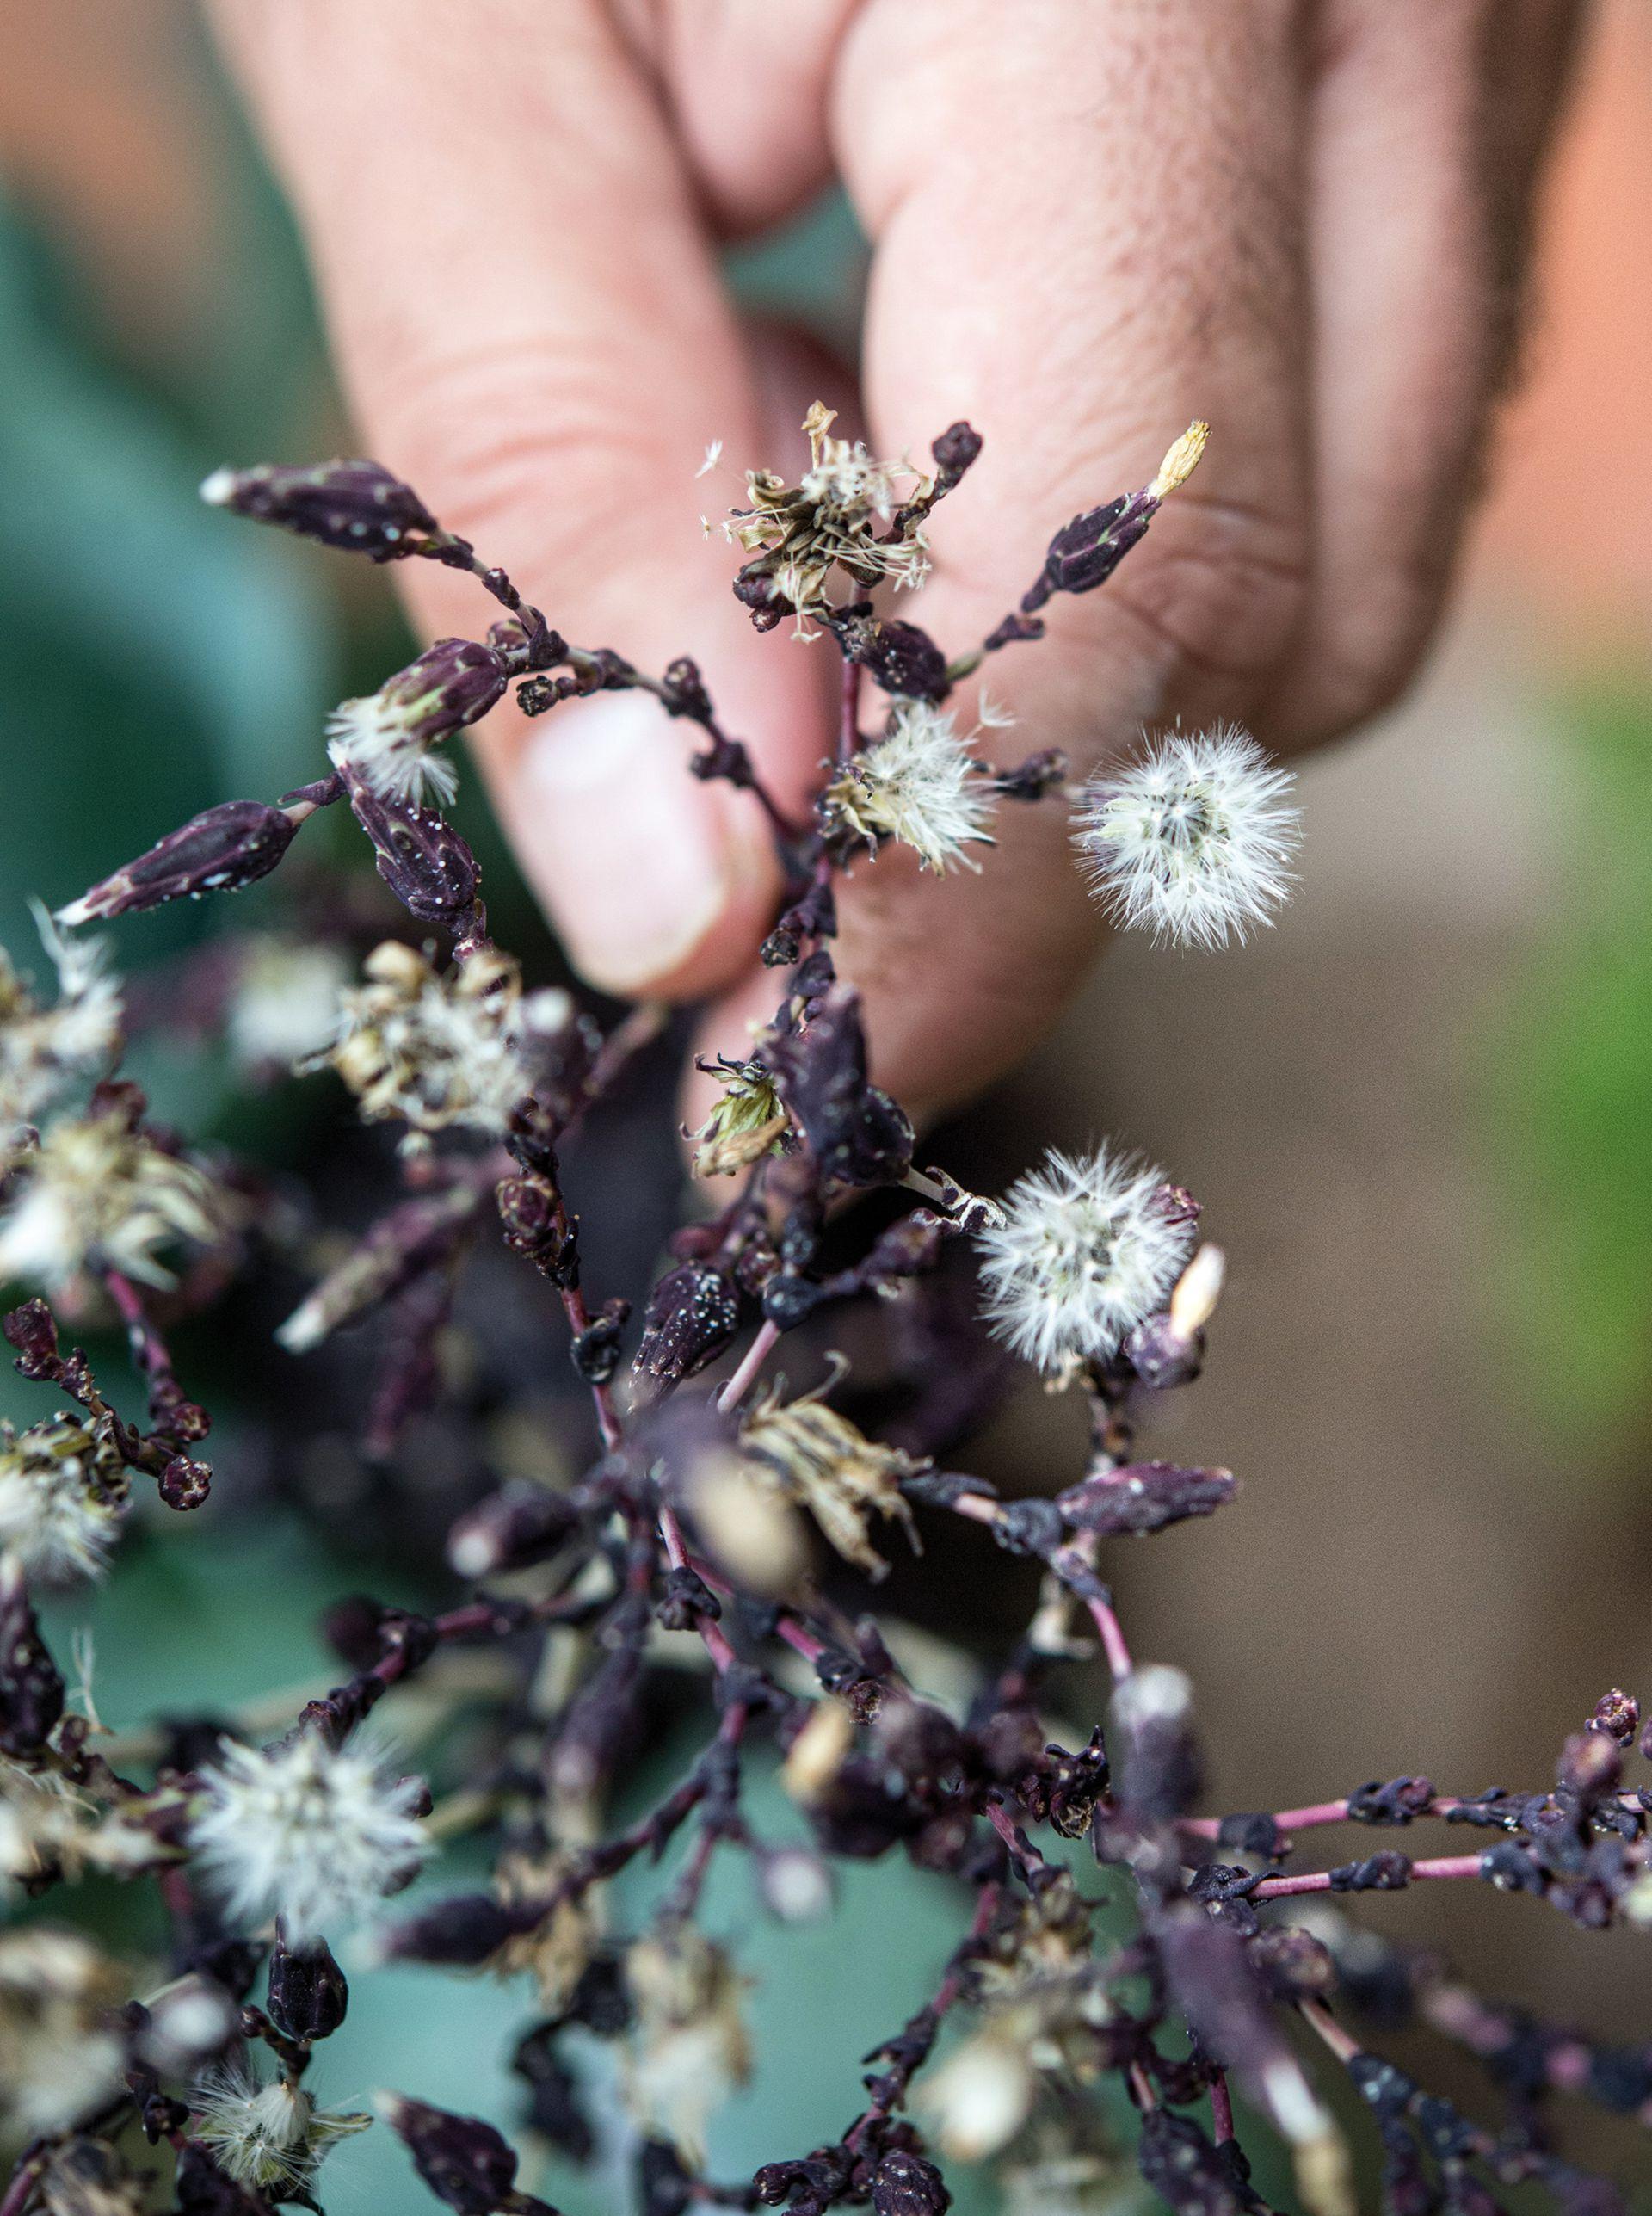 Las lechugas deben dejarse espigar para florecer y luego fructificar, y así proceder a la cosecha de semillas.